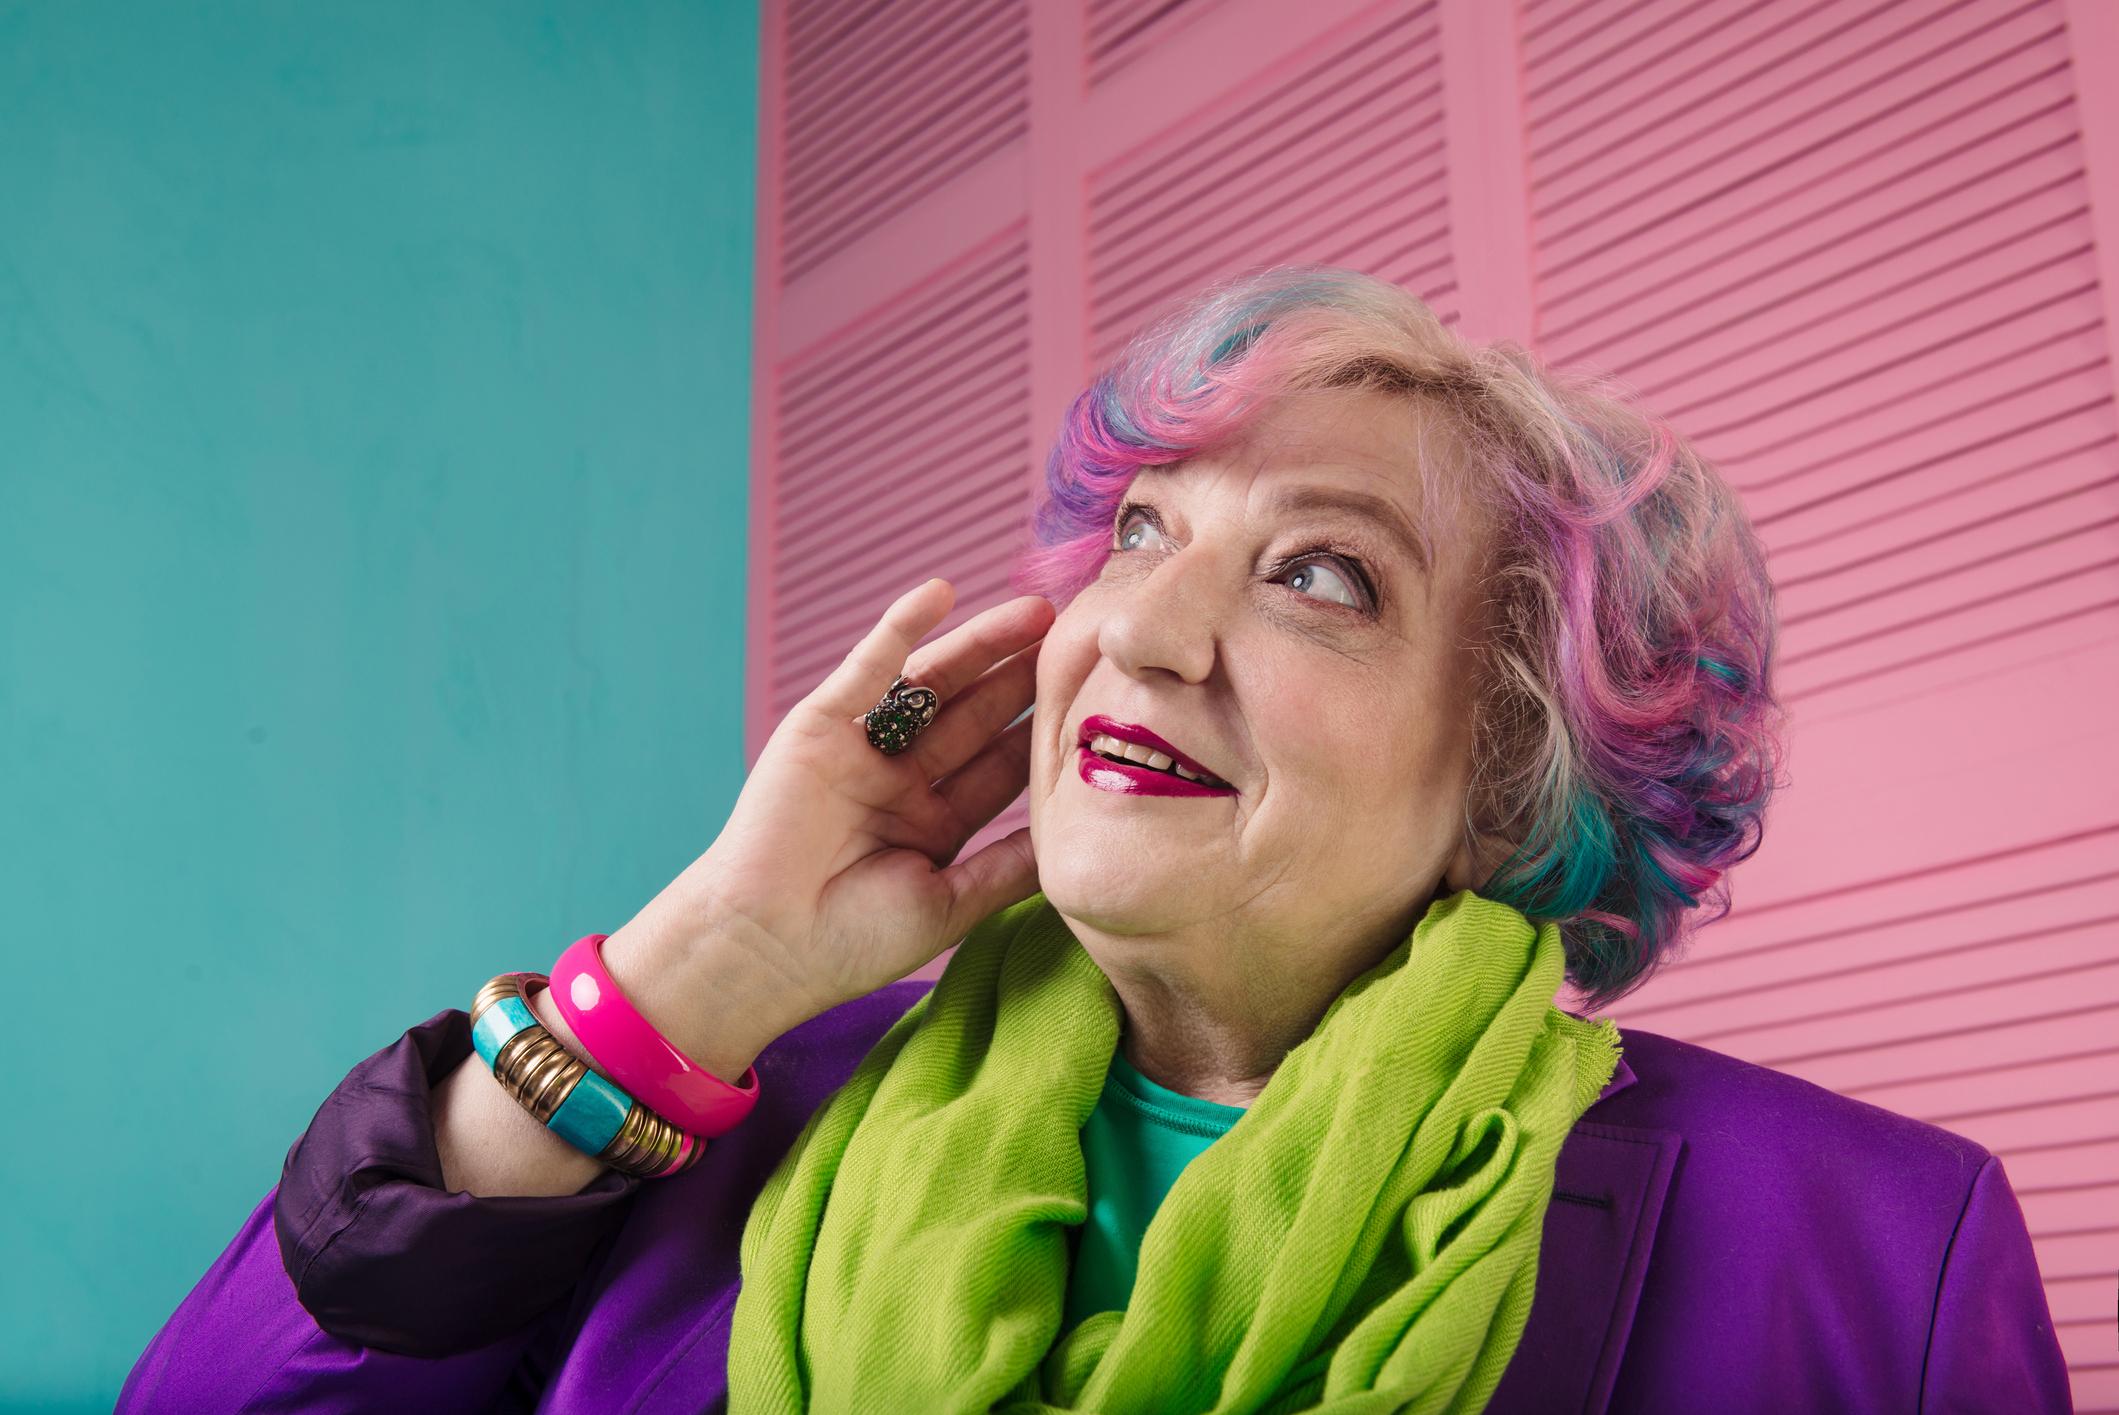 Überraschte stylishe Rentnerin sieht nach oben.